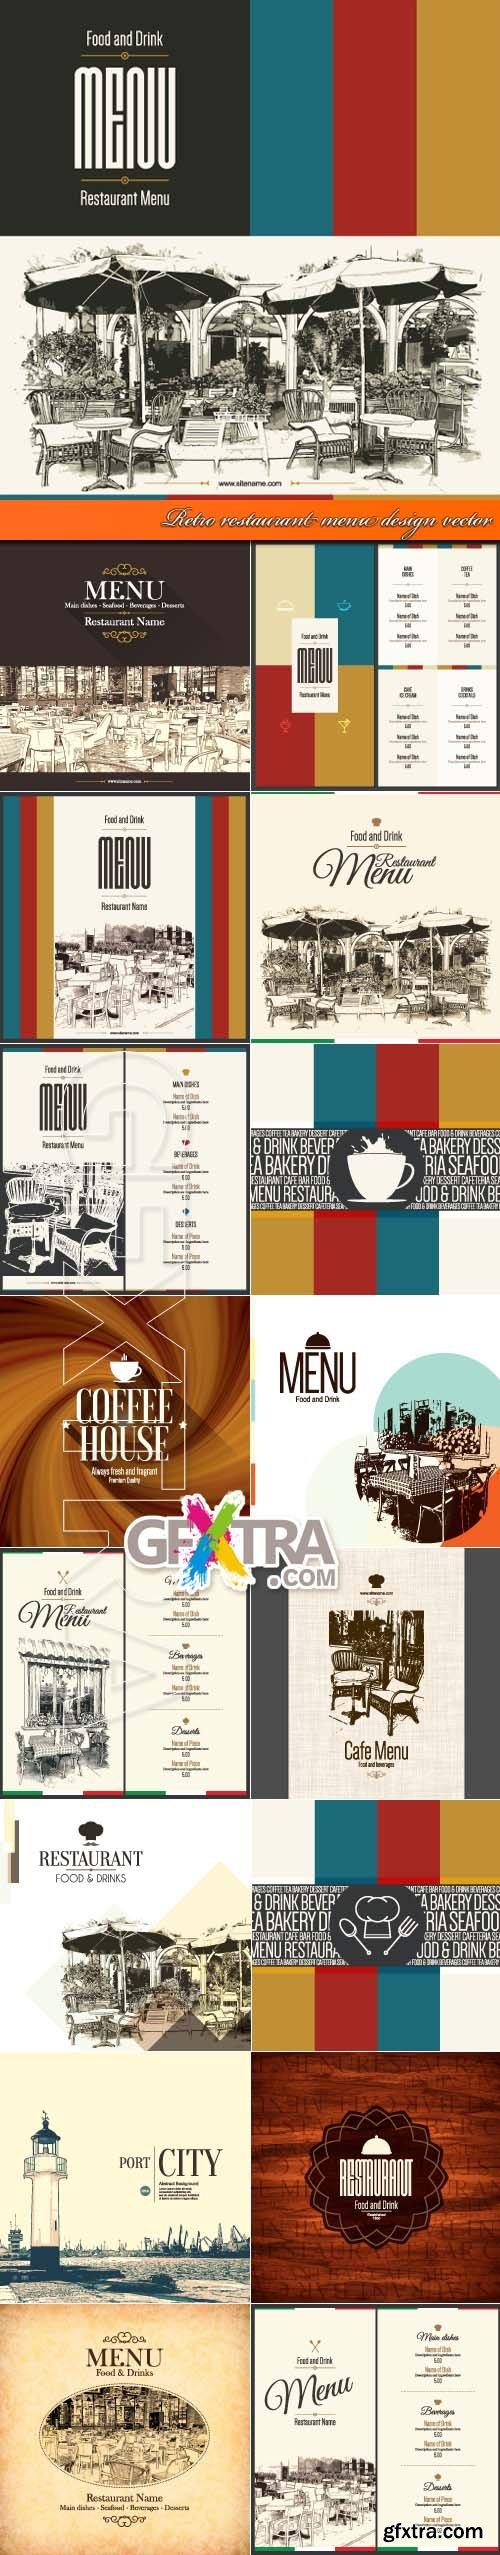 Retro restaurant menu design vector